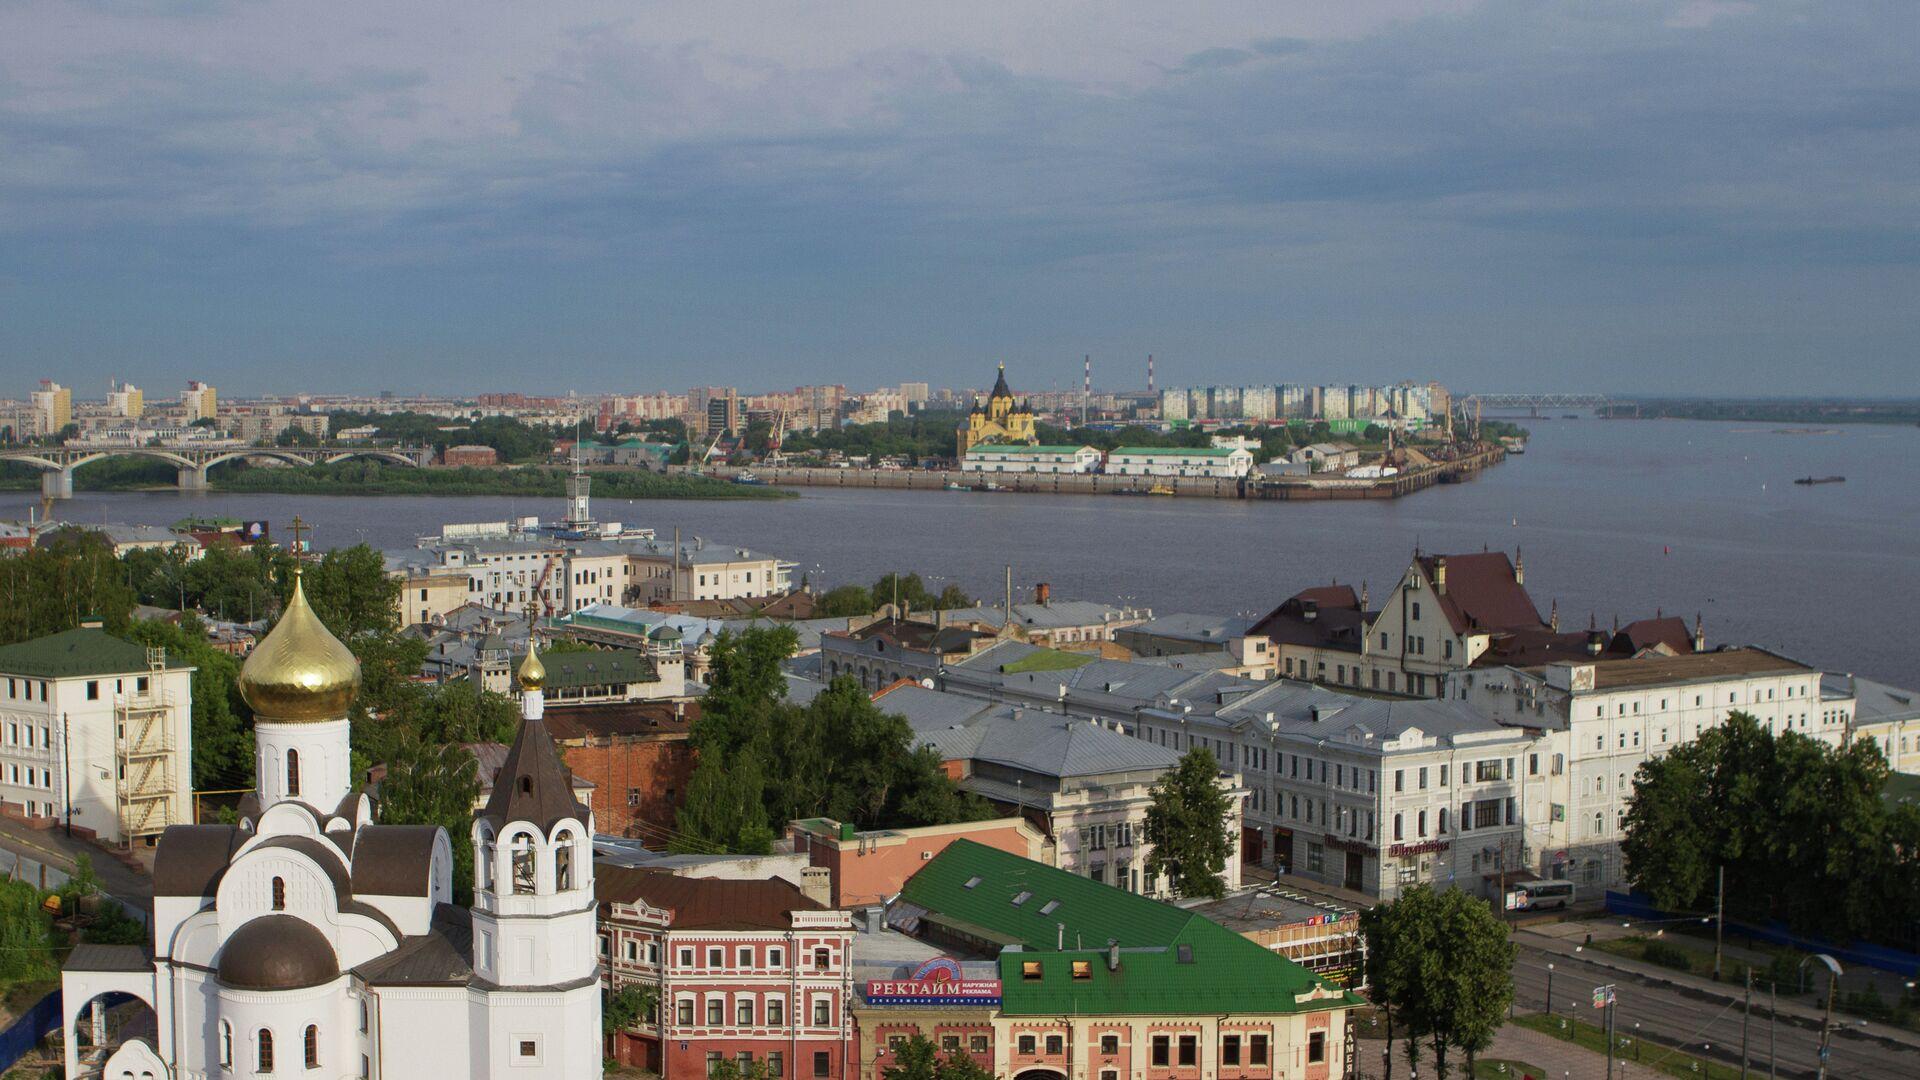 Нижний Новгород - РИА Новости, 1920, 16.07.2021